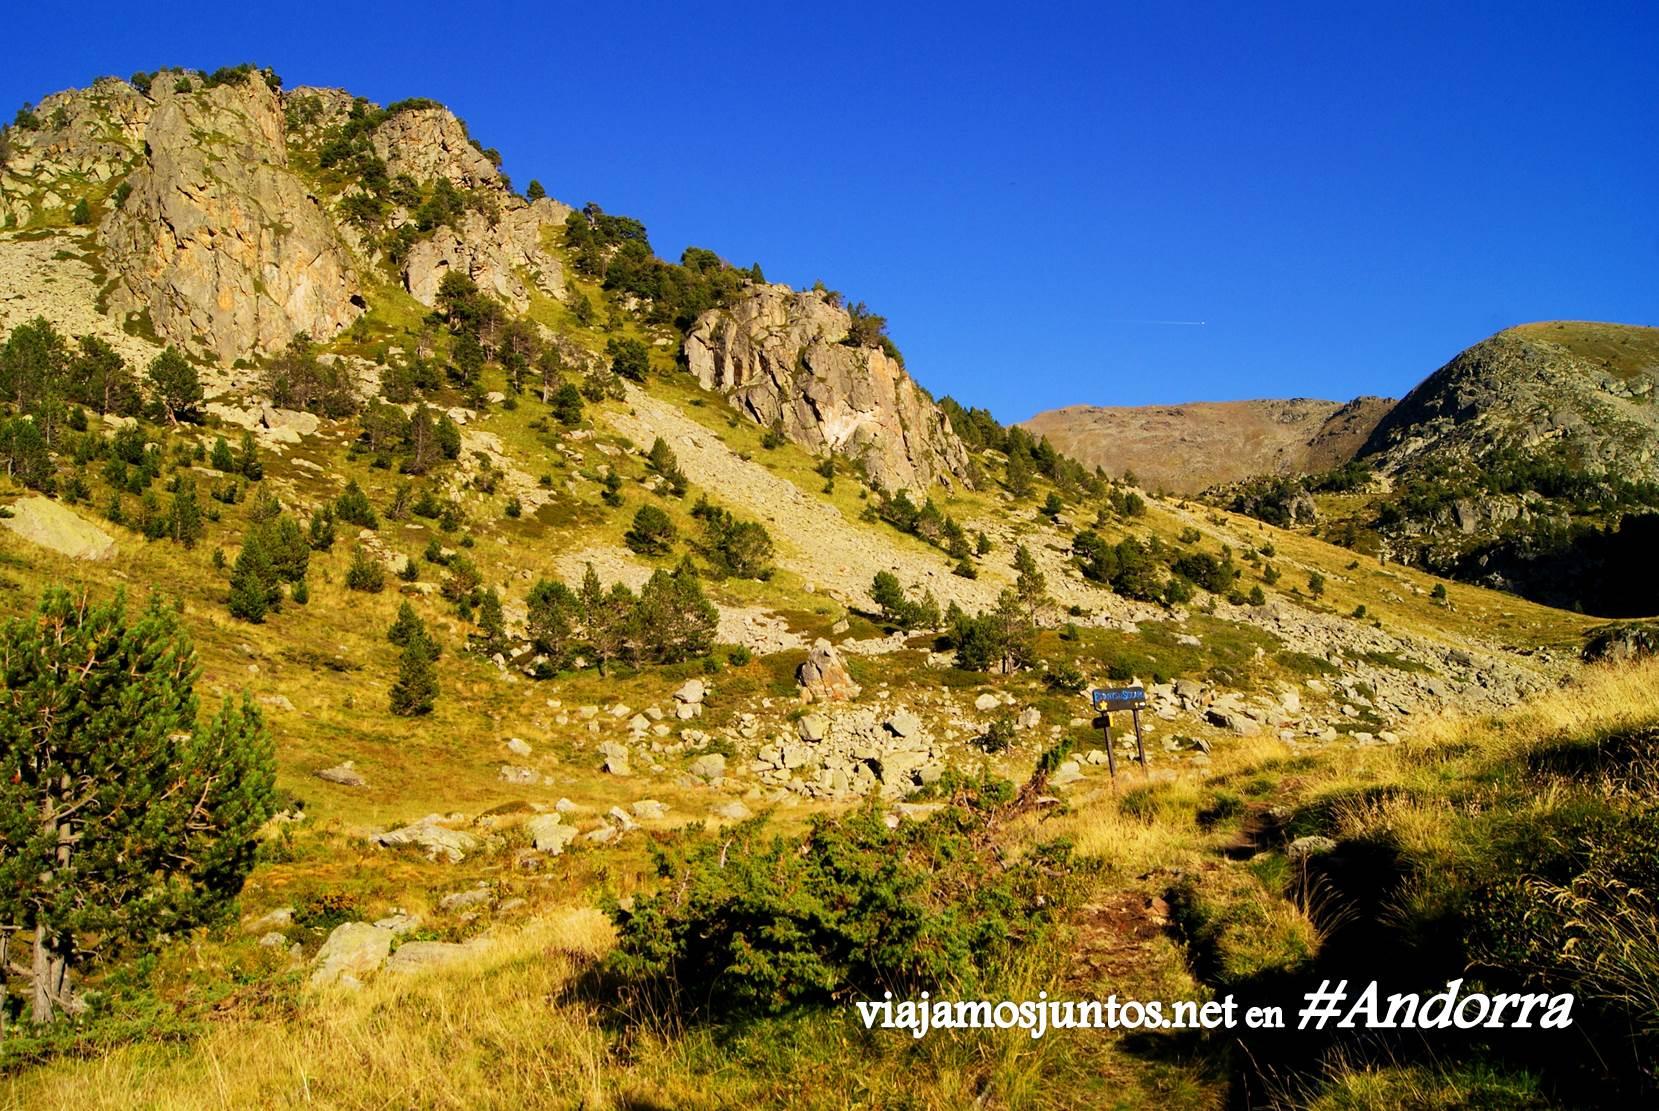 GRP de Andorra, punto conflictivo. Pirineos